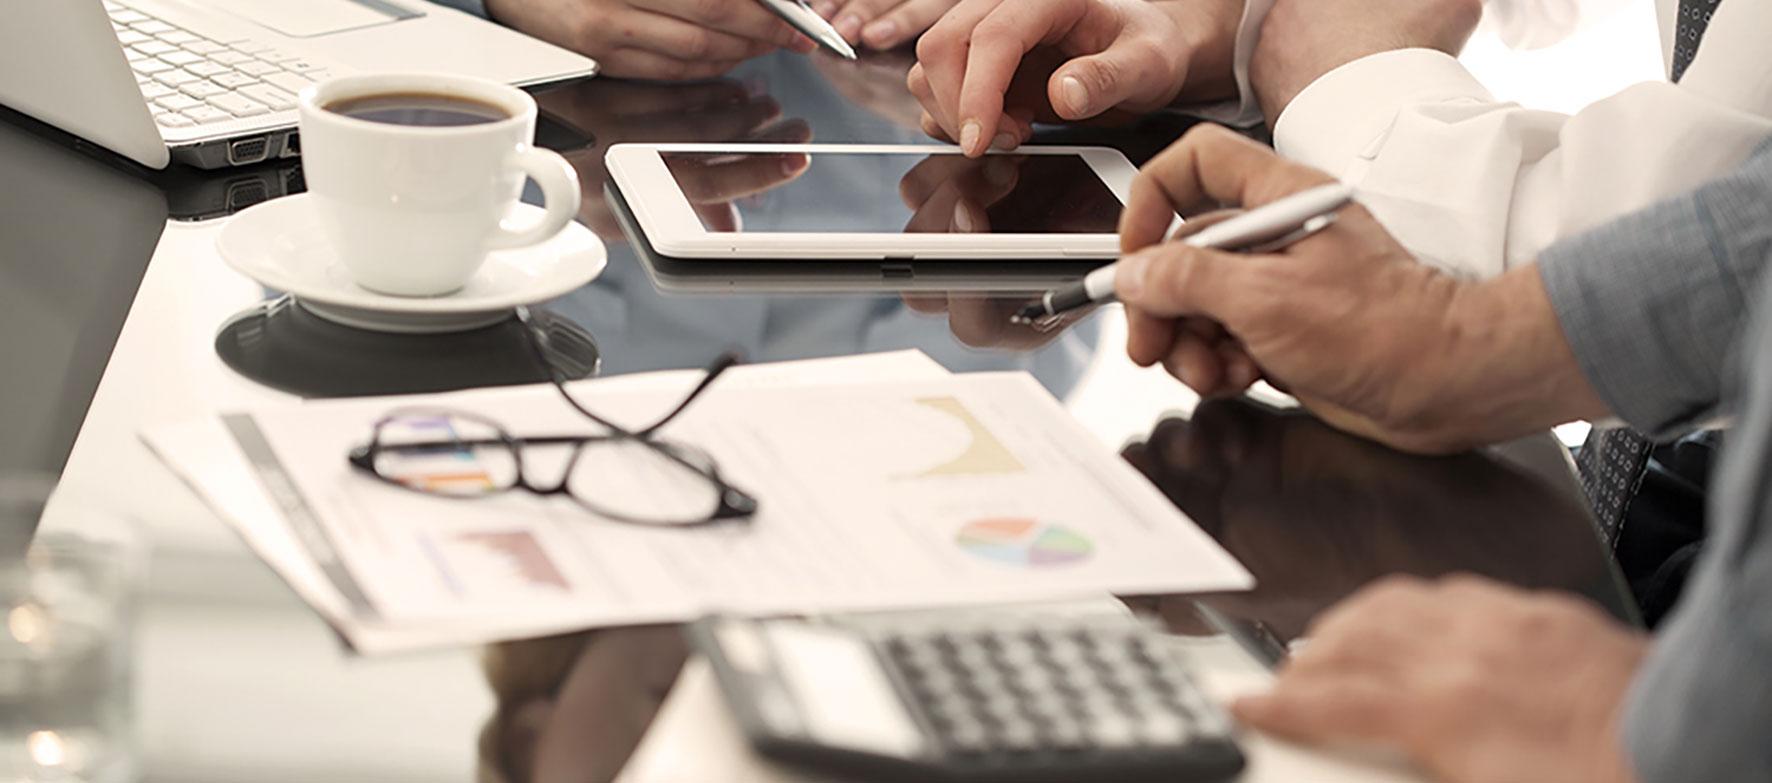 Mehrere Hände an einem Tisch über Kalkulationstabellen und Taschenrechner.